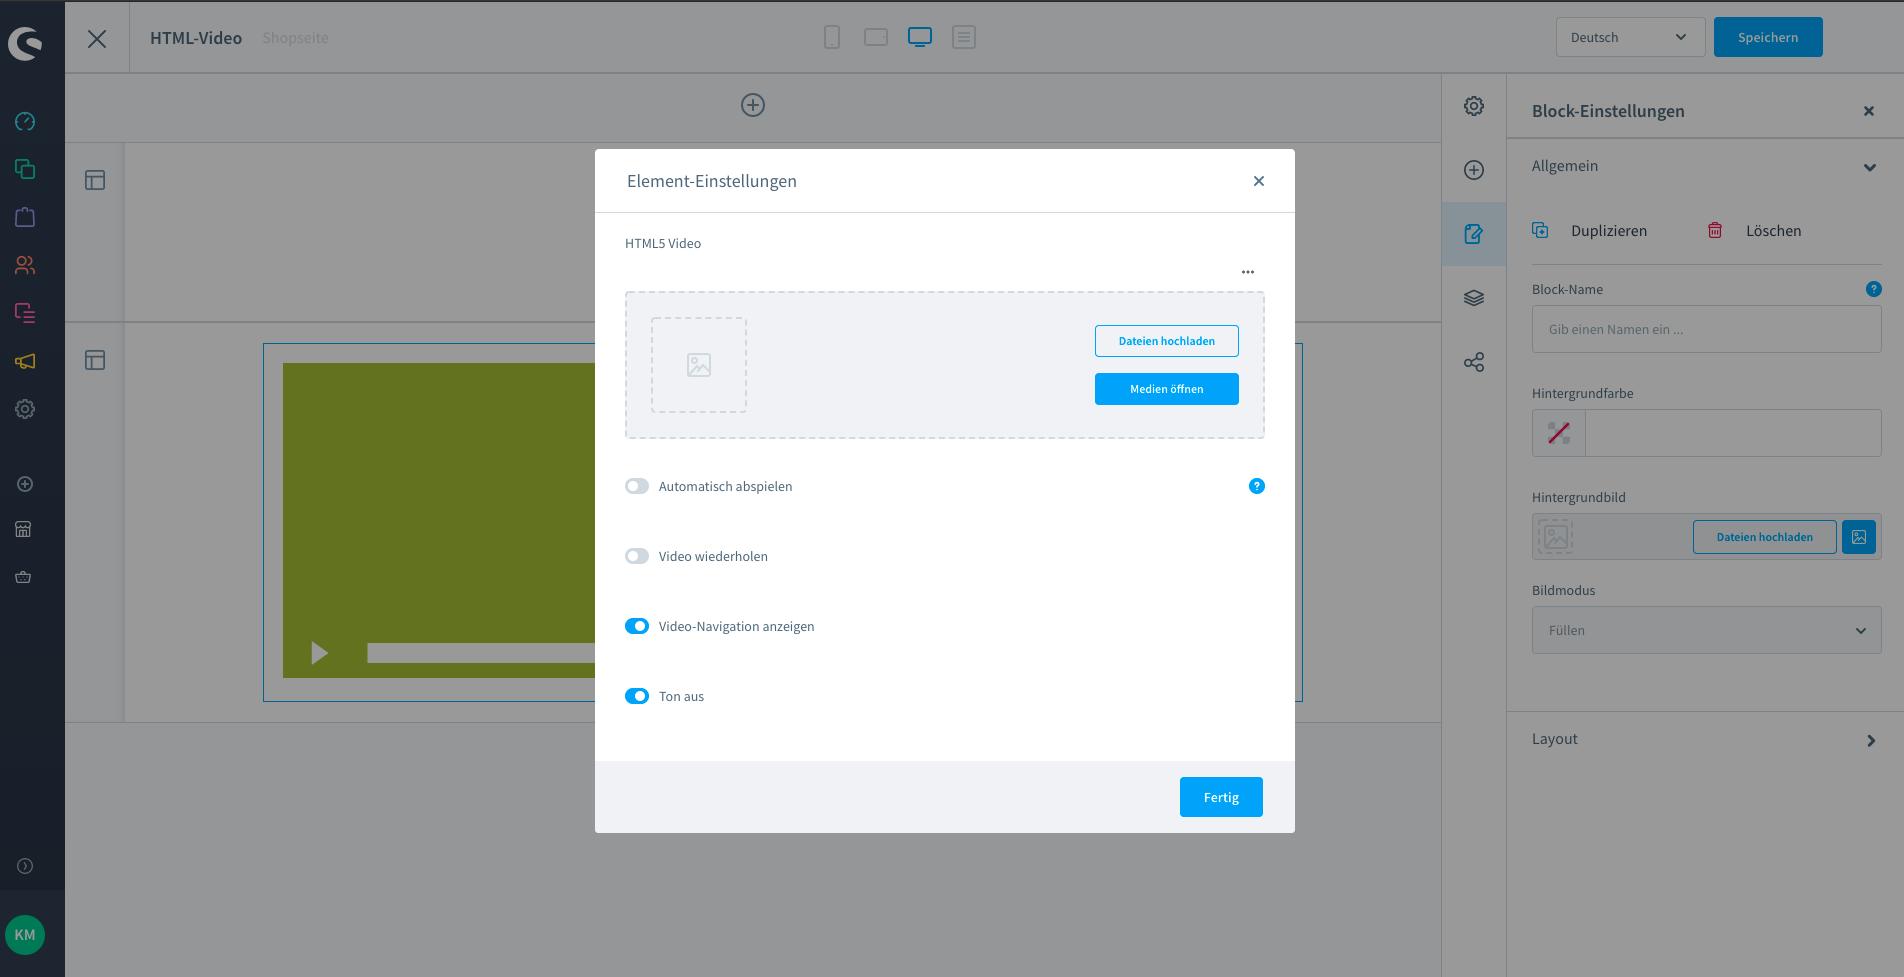 Screenshots der Element-Einstellungen im Shopware-Plugin